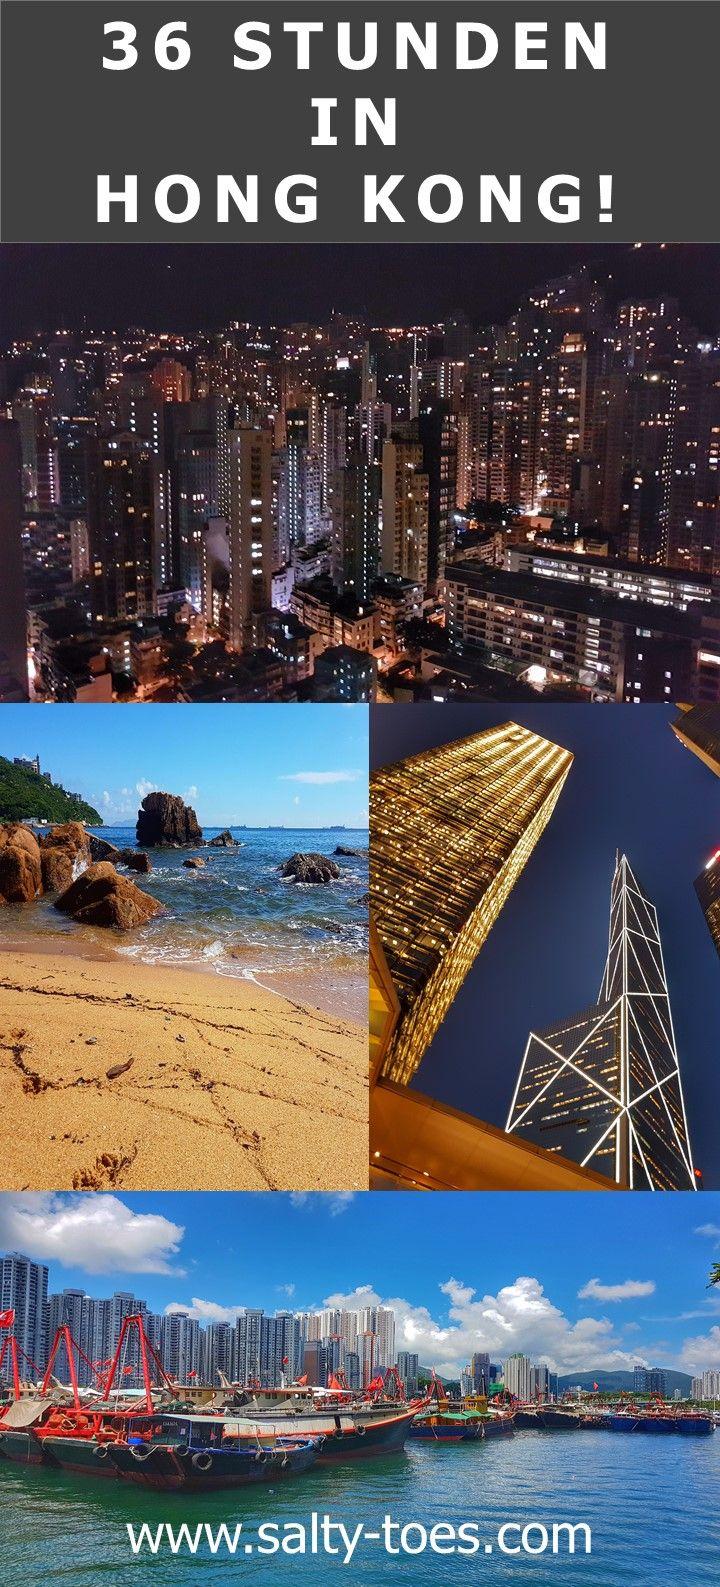 Du hast nur wenig Zeit in Hong Kong? Dann verrate ich dir auf meinem Blog welche TOP Orte du auf keinen Fall verpassen solltest!